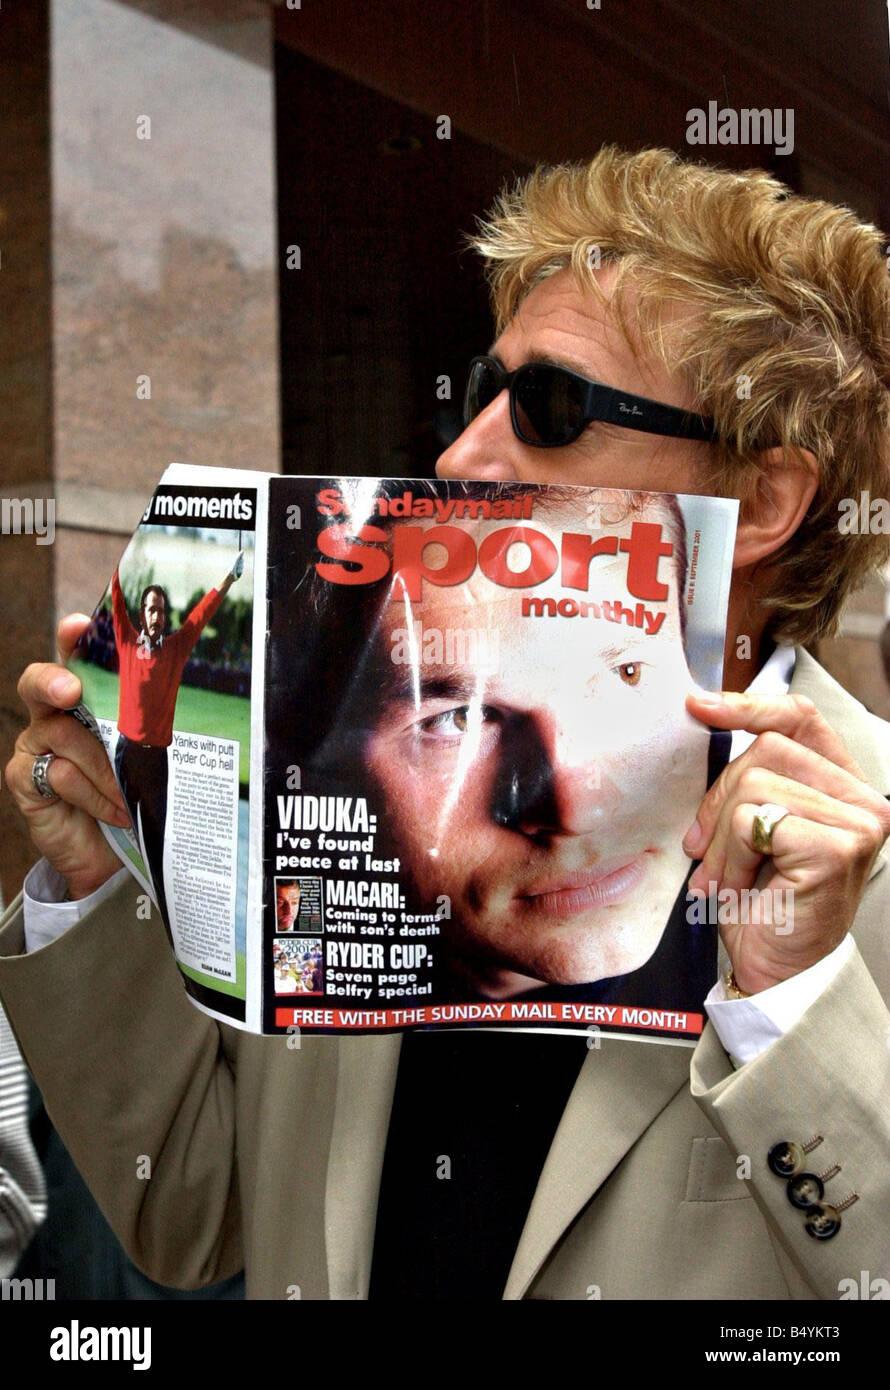 Rod Stewart Septiembre de 2001 sosteniendo un ejemplar de la revista mensual deportiva Sunday Mail Gafas de sol Foto de stock